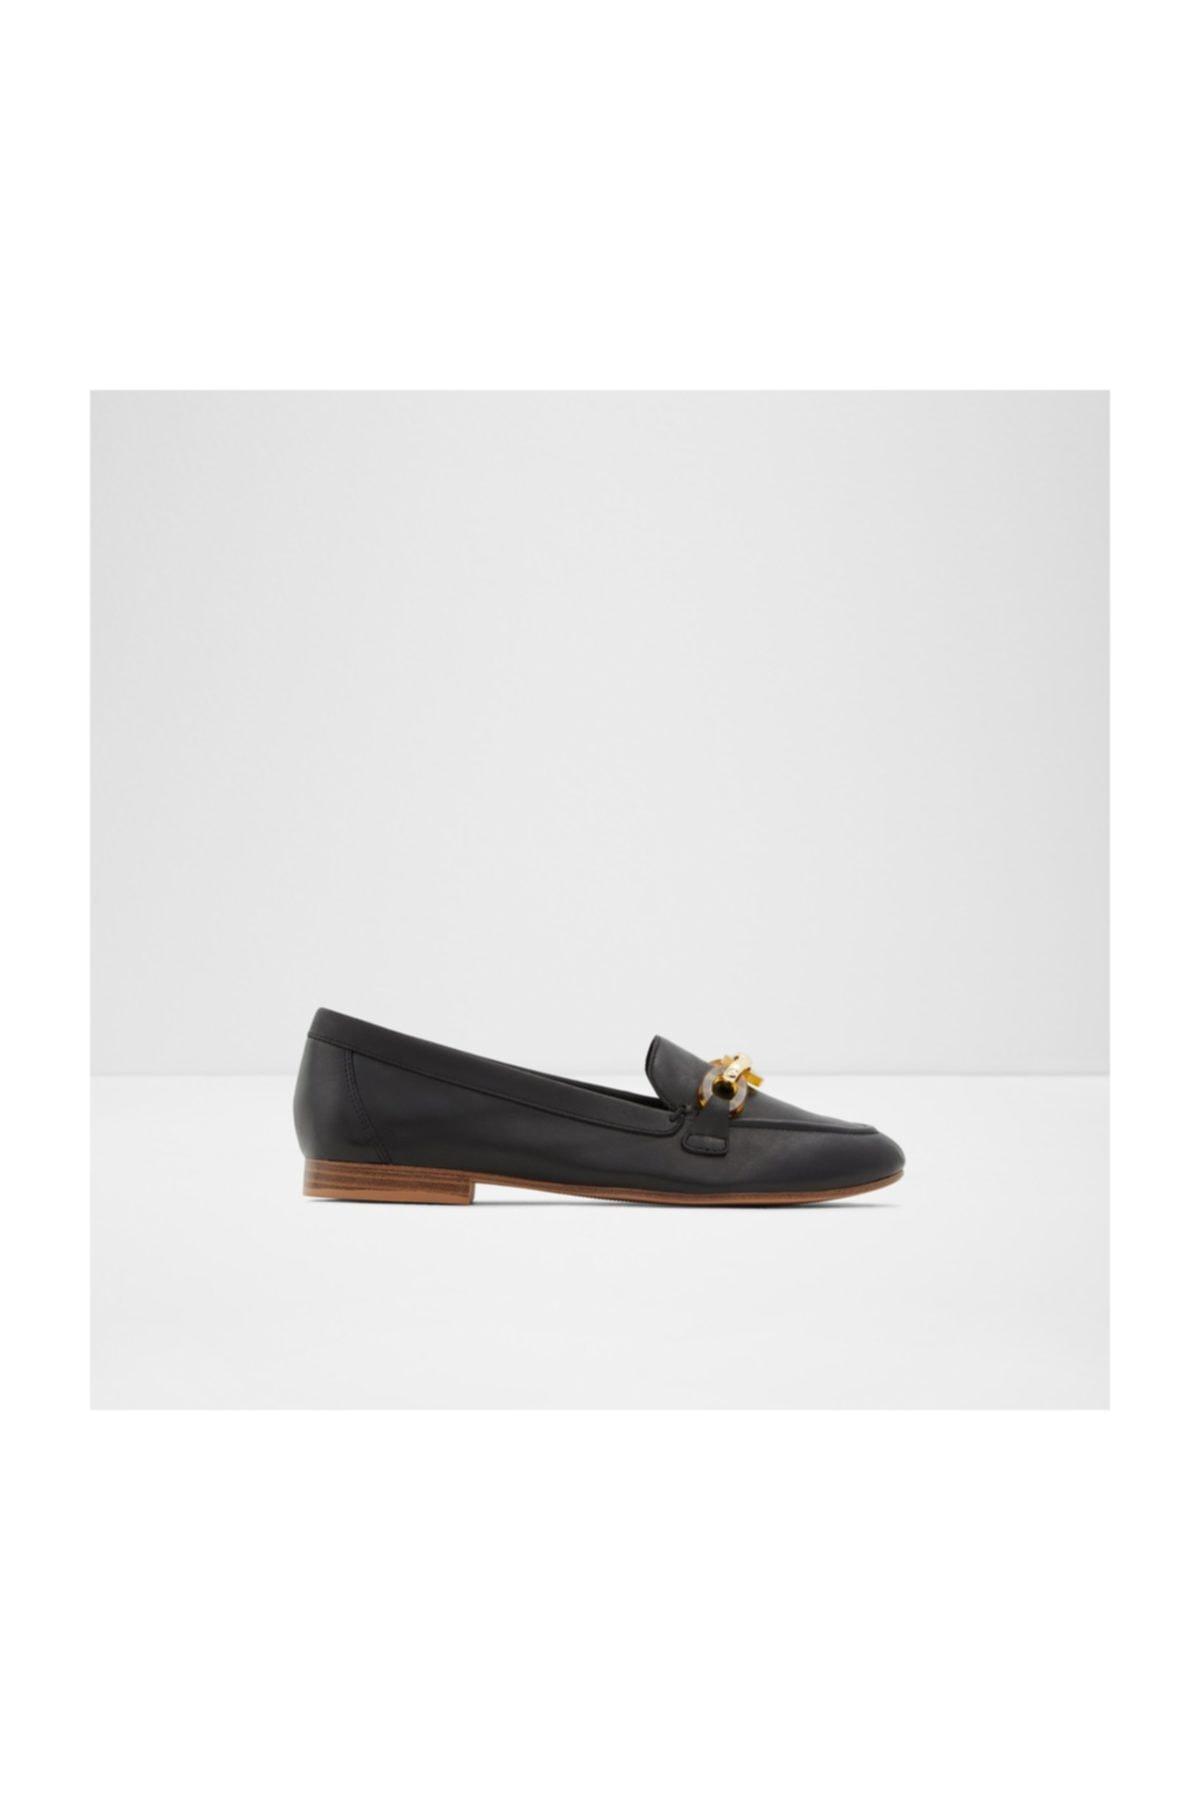 Aldo Kadın Siyah Loafer Ayakkabı 1